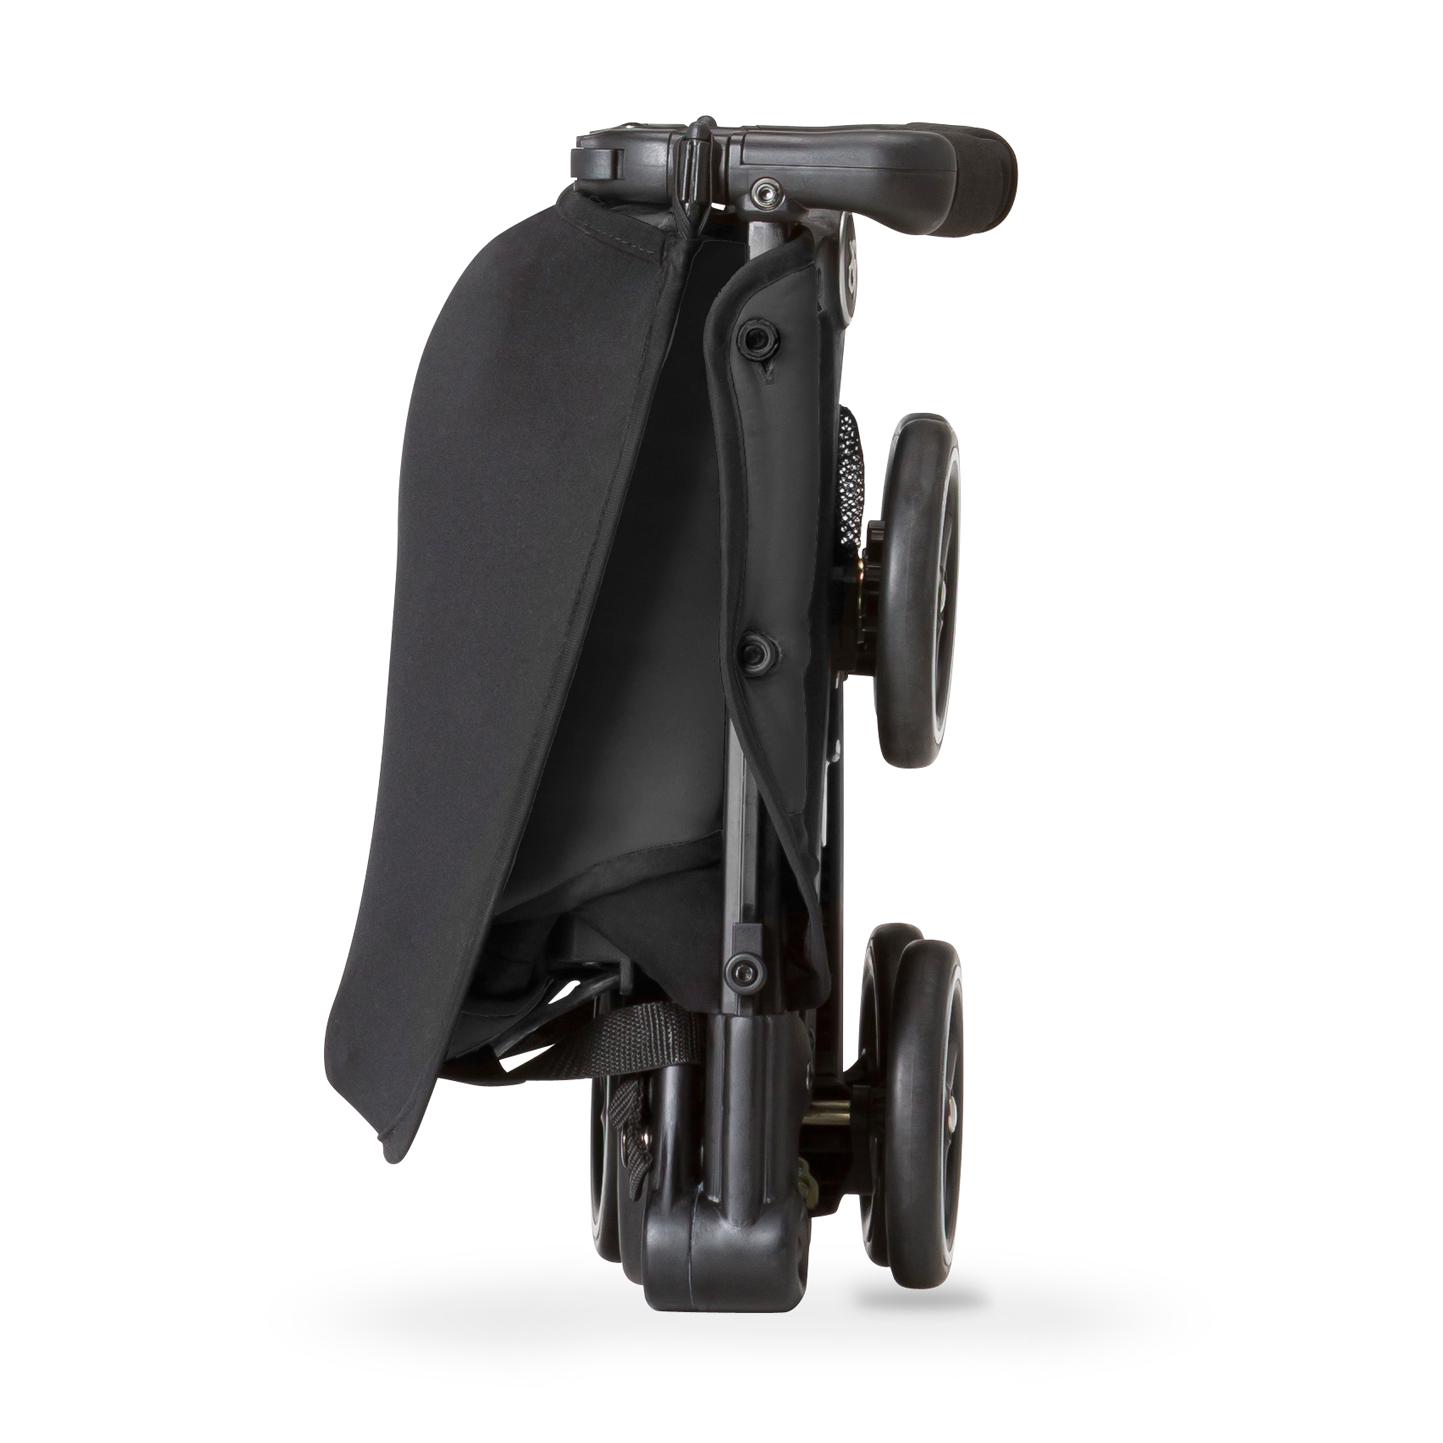 GB Pockit Stroller The World's Smallest Folded Stroller